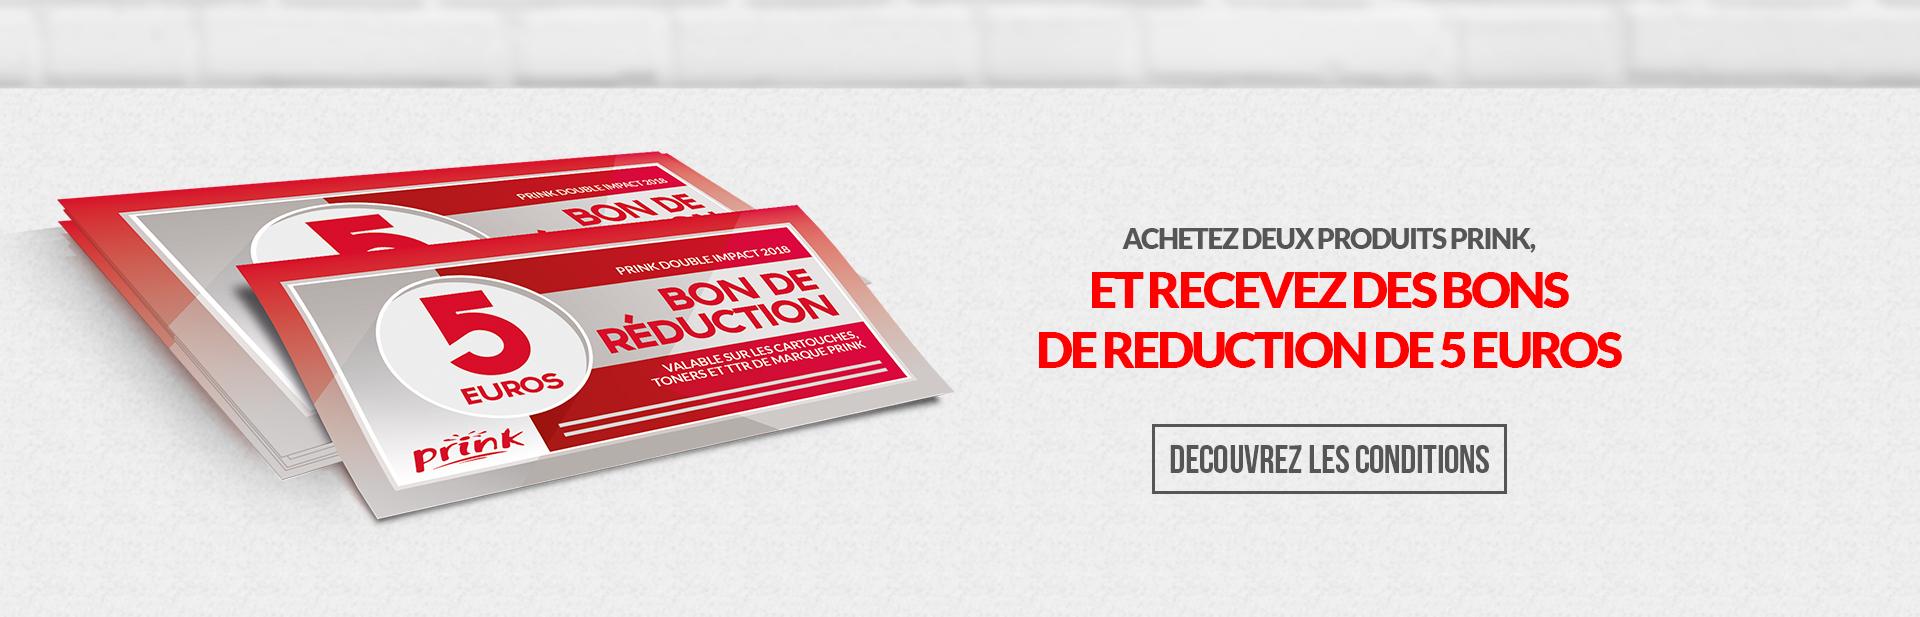 Bons_De_reduction_Prink_double_impact_2018_SL